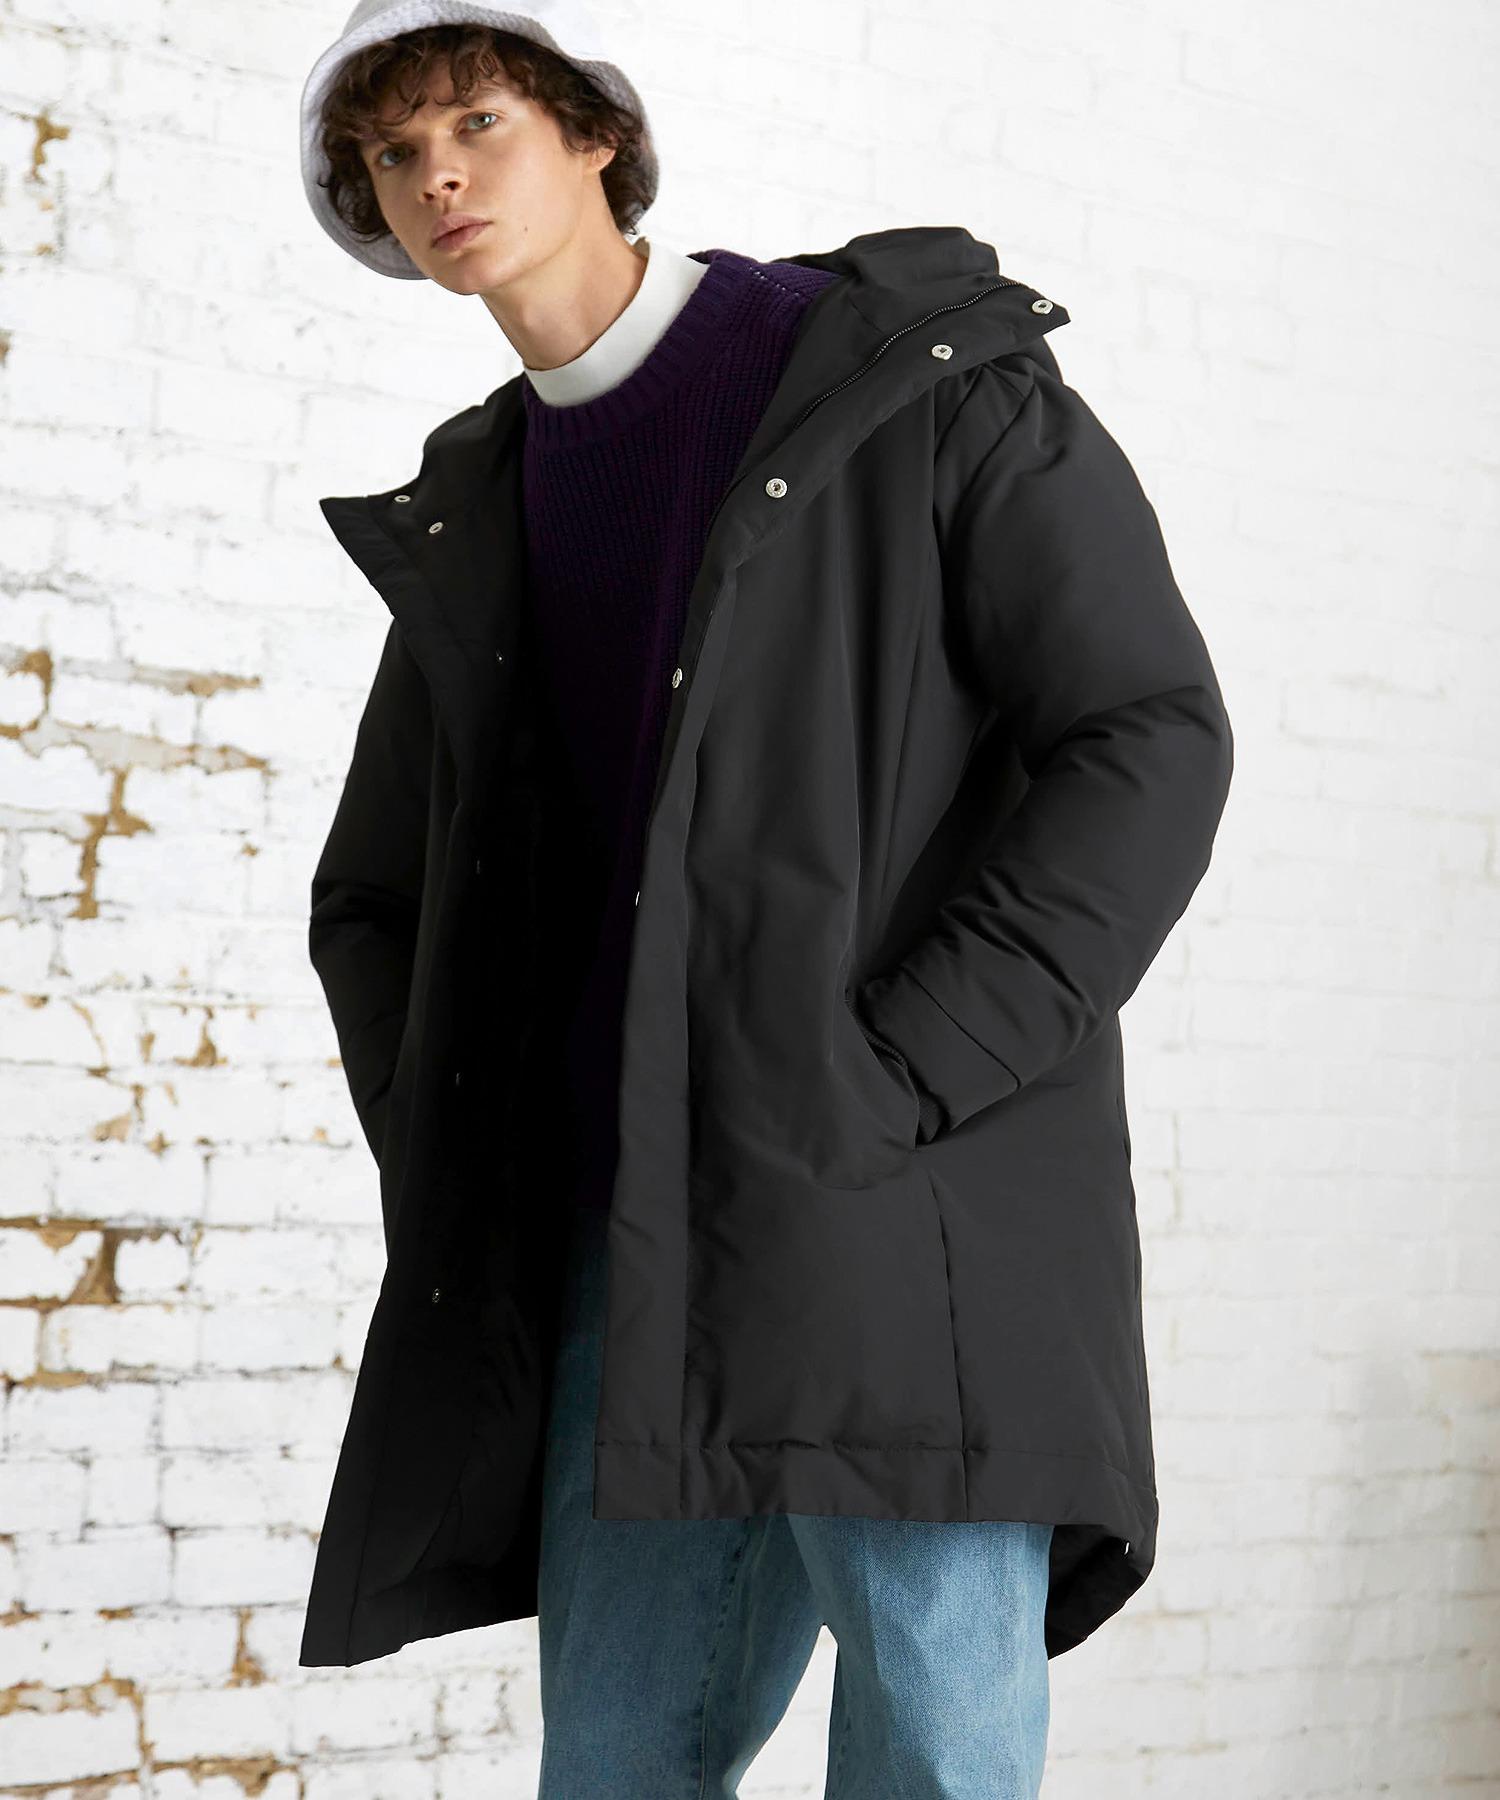 【EMMA CLOTHES】ブライトNC ロングリアルダウンジャケット/モンスターパーカー ロングダウンJKT ダウンコート